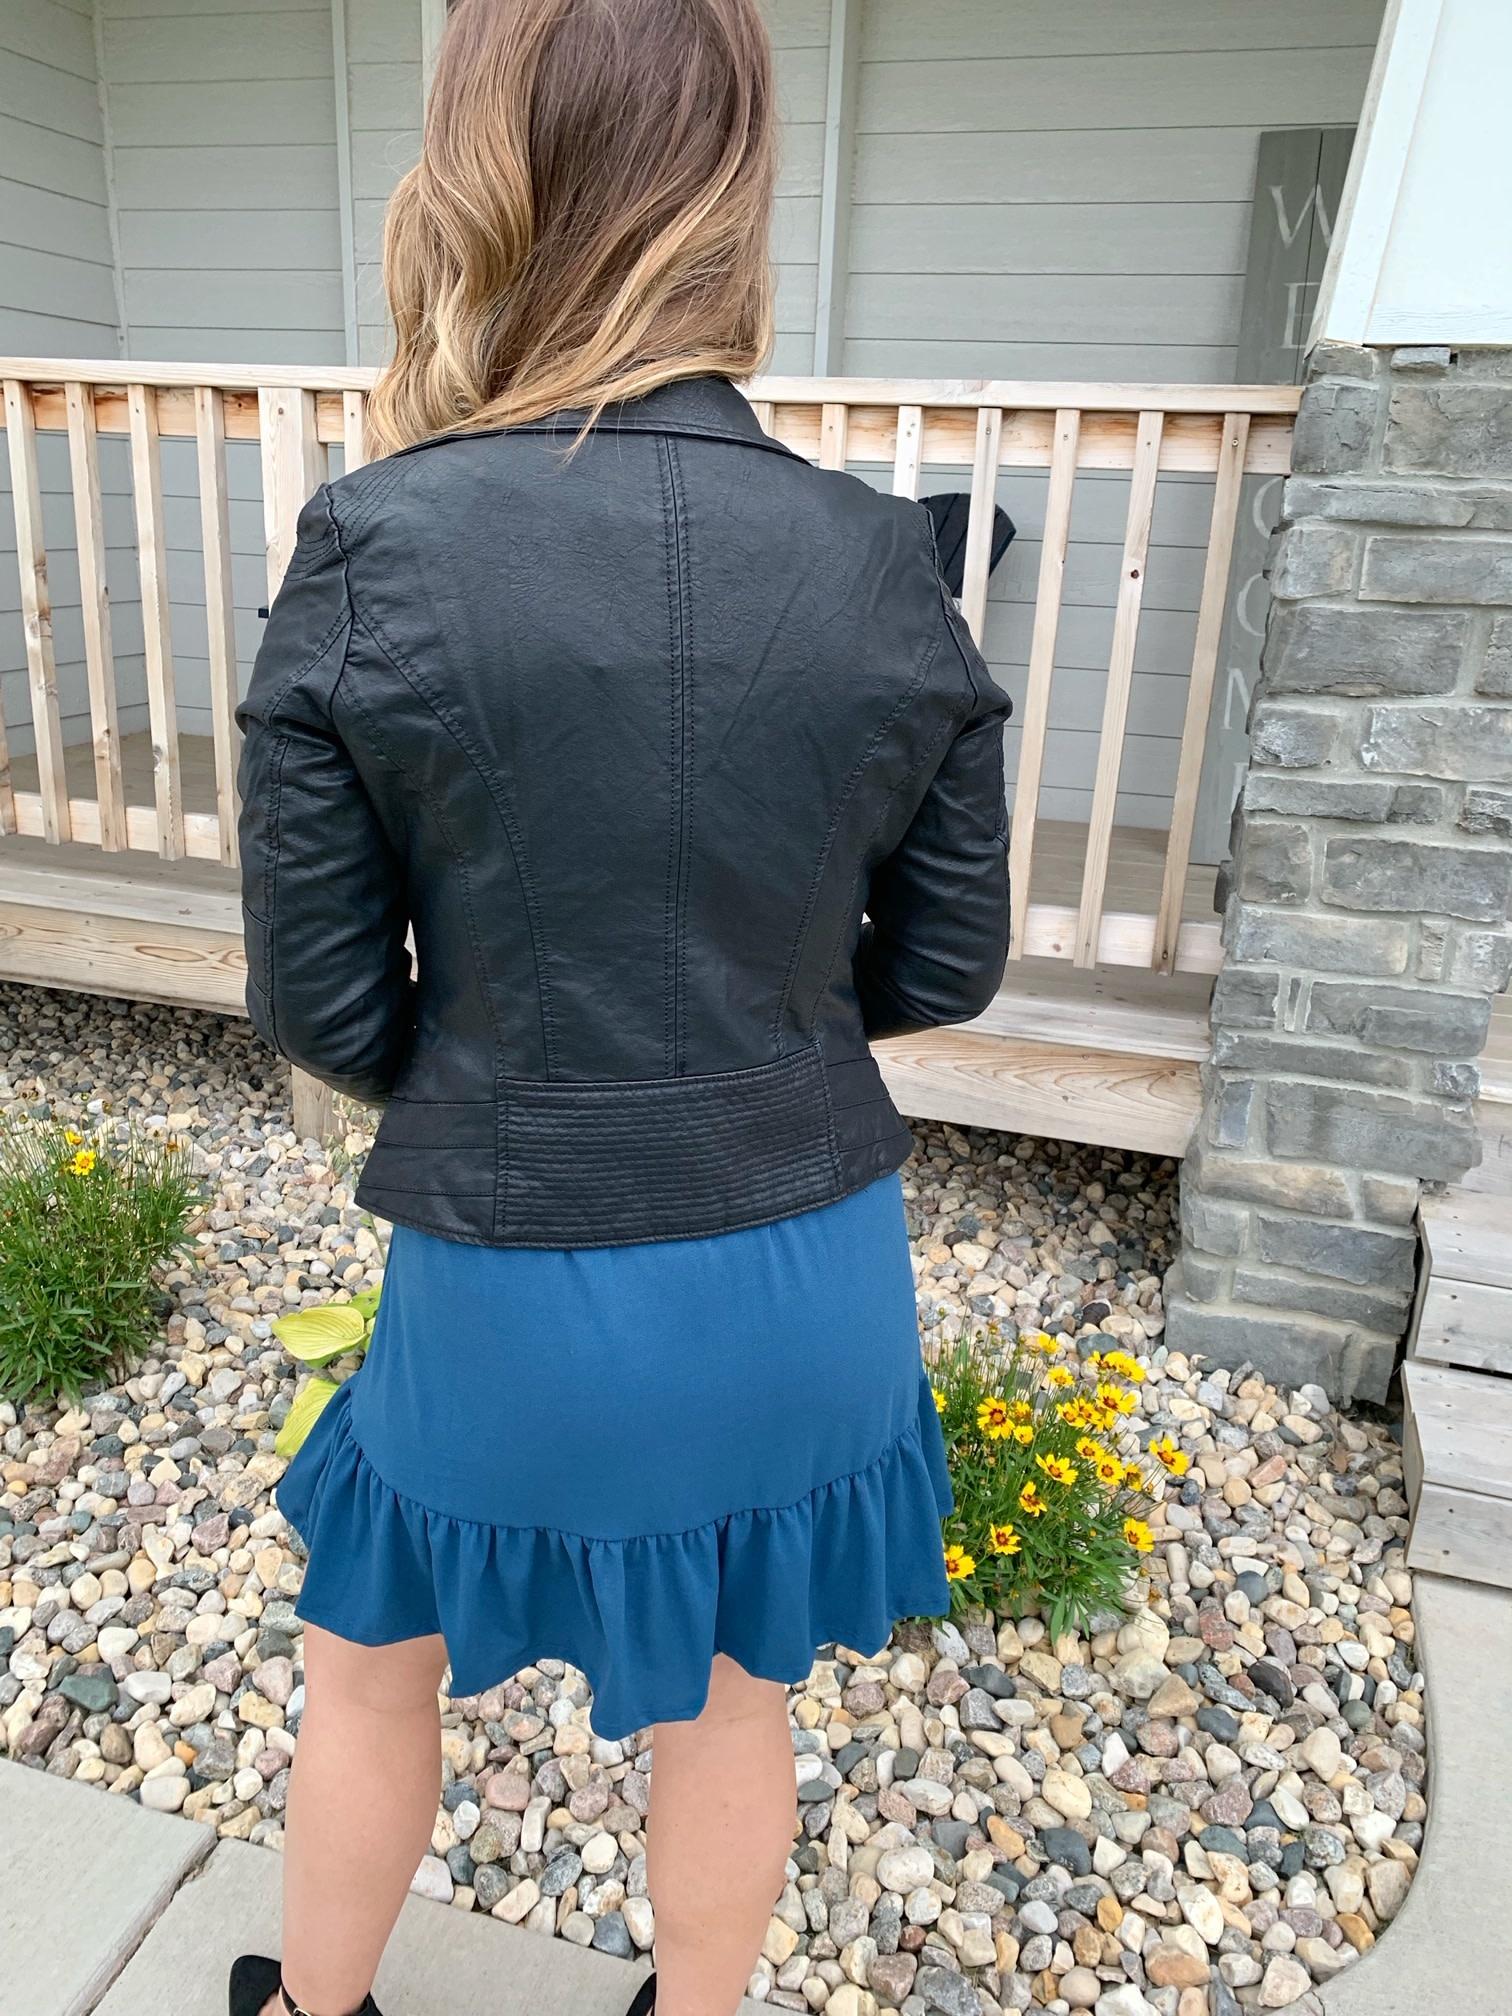 Coalition Black Vegan Leather Jacket